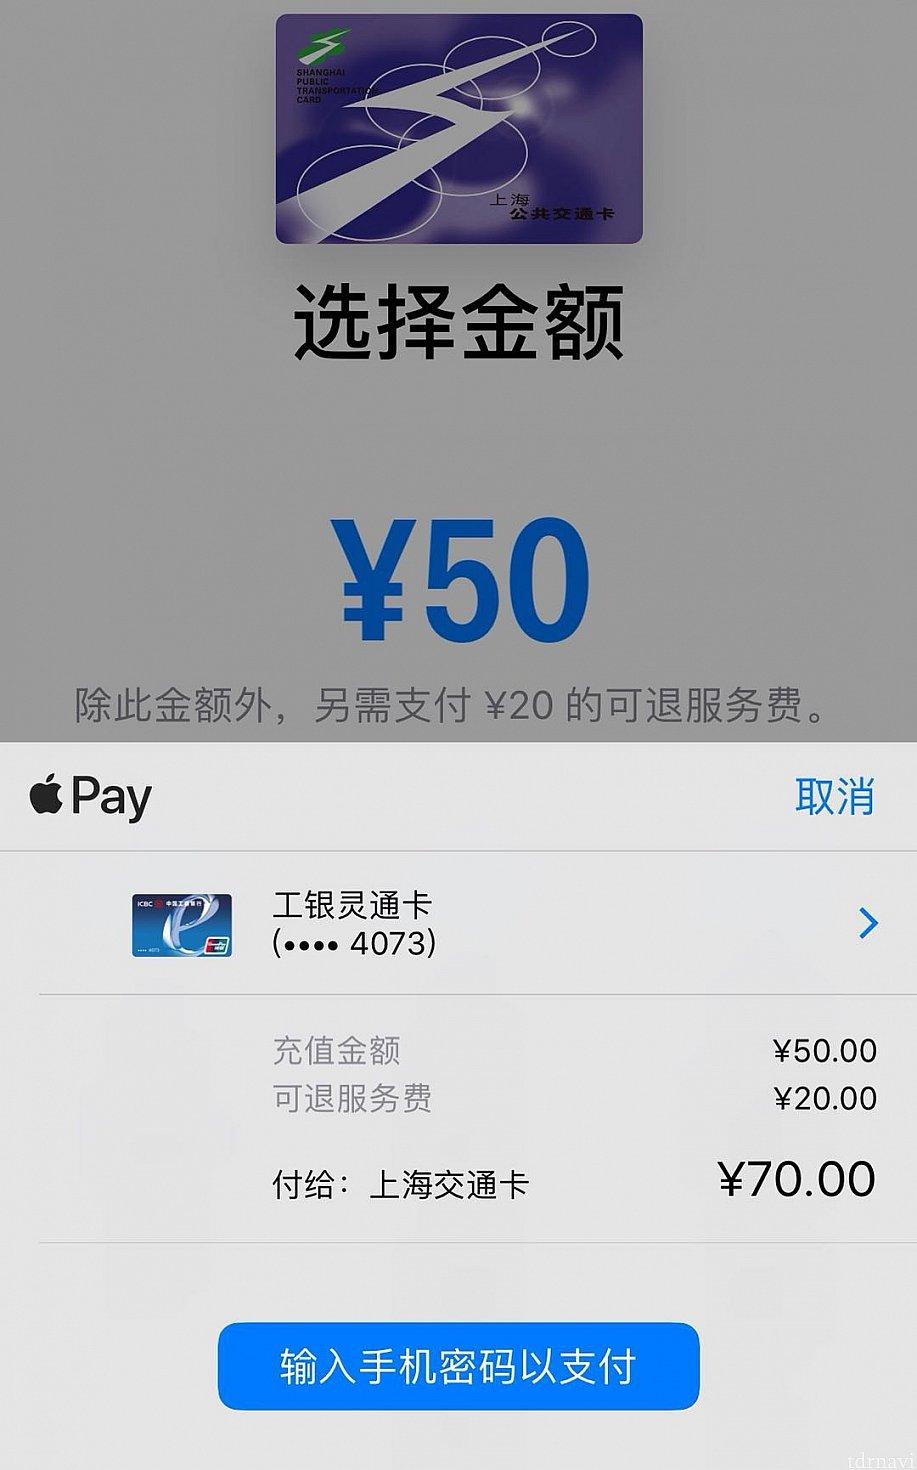 ヒモ付してある銀聯カード(ユニオンペイ)から70元を支払います。